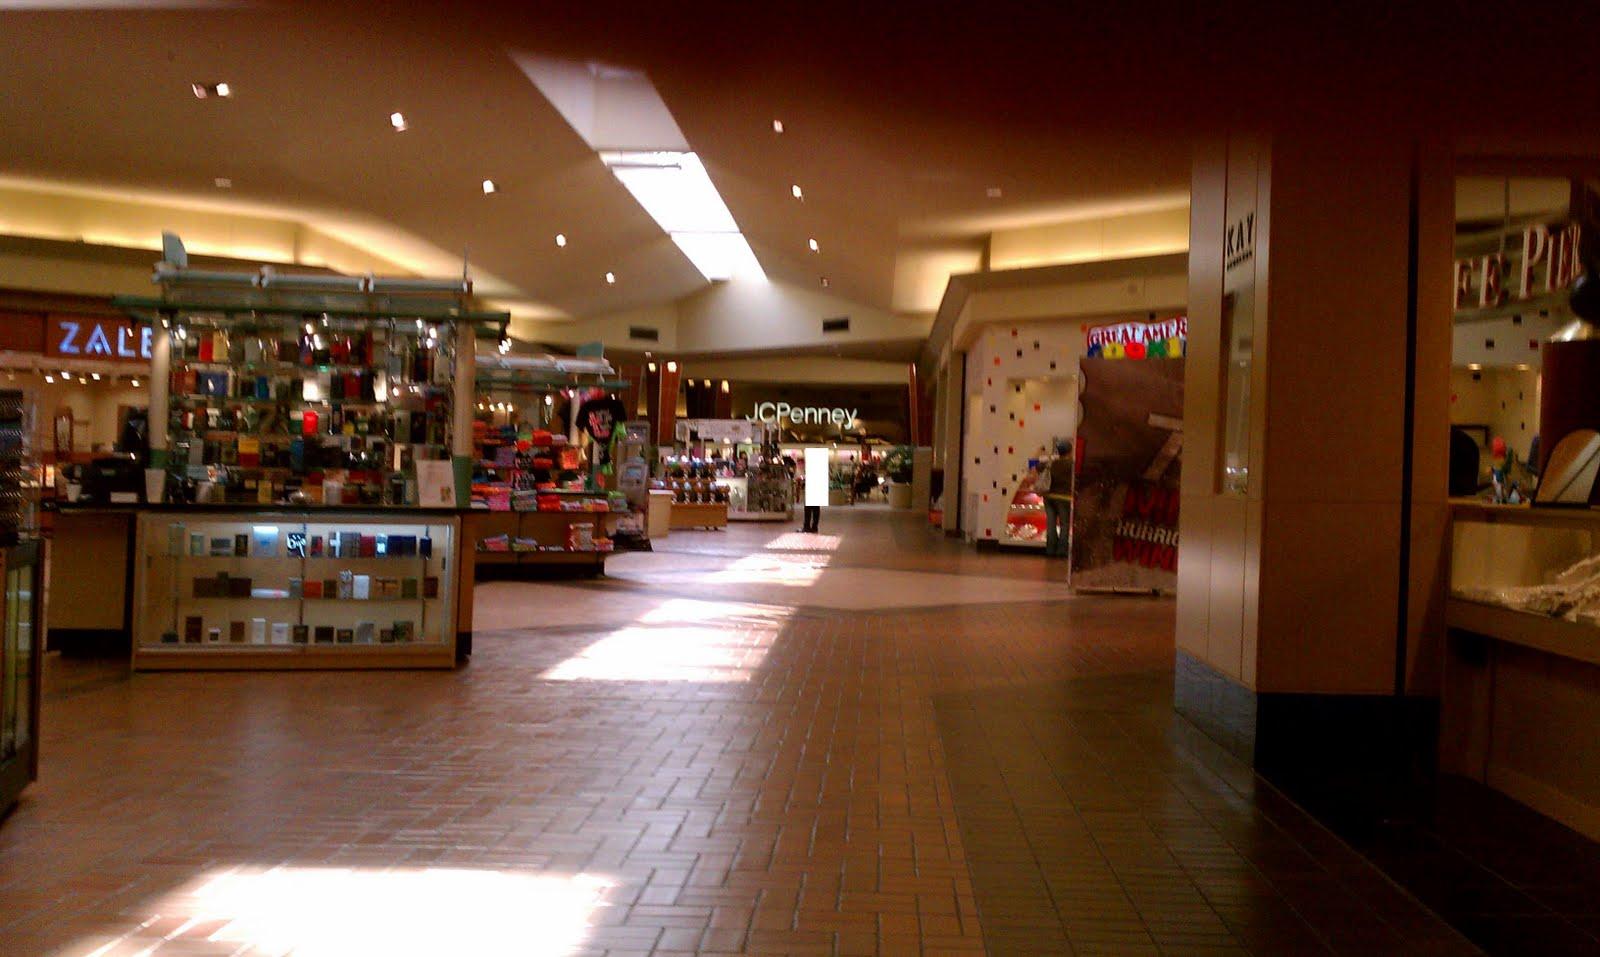 The Louisiana And Texas Retail Blogspot Pierre Bossier Mall Bossier City Louisiana